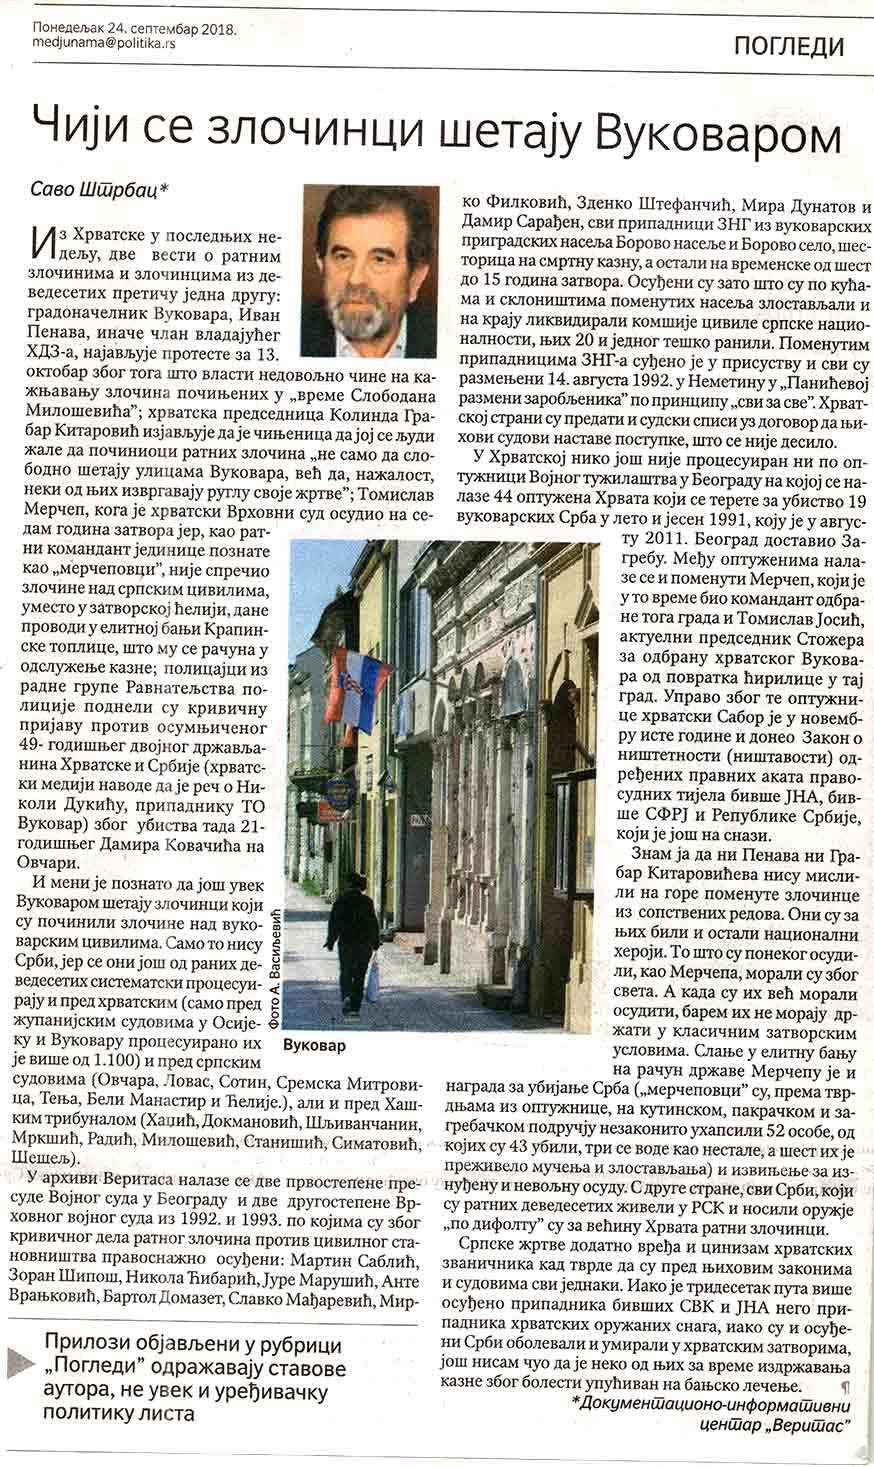 Savo Štrbac: Čiji zločinci šetaju Vukovarom